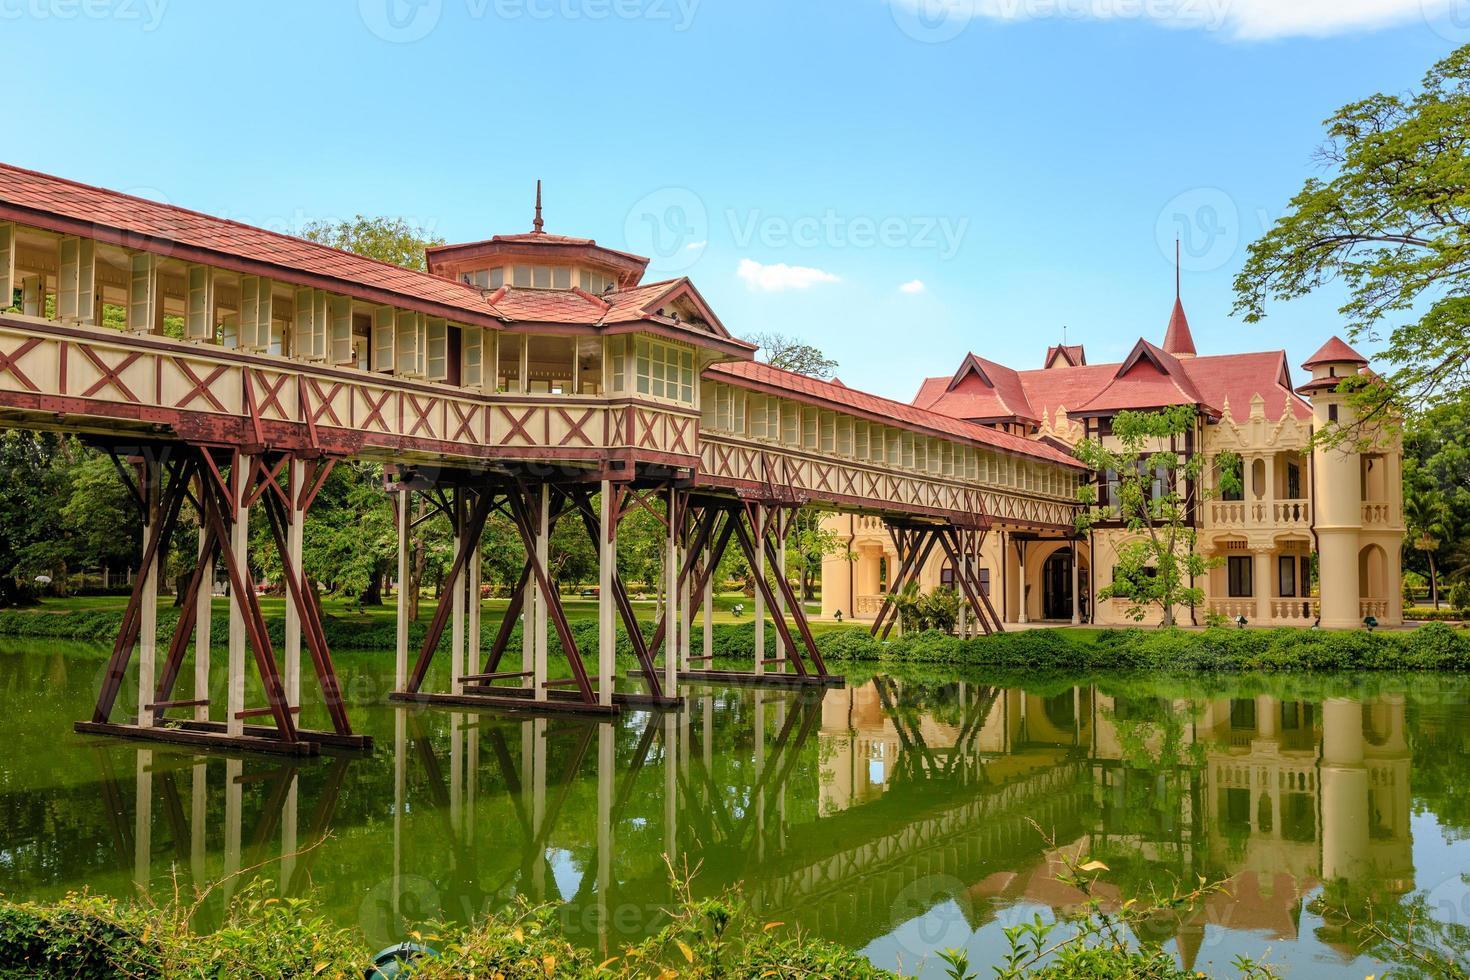 de brug die het dak heeft. foto